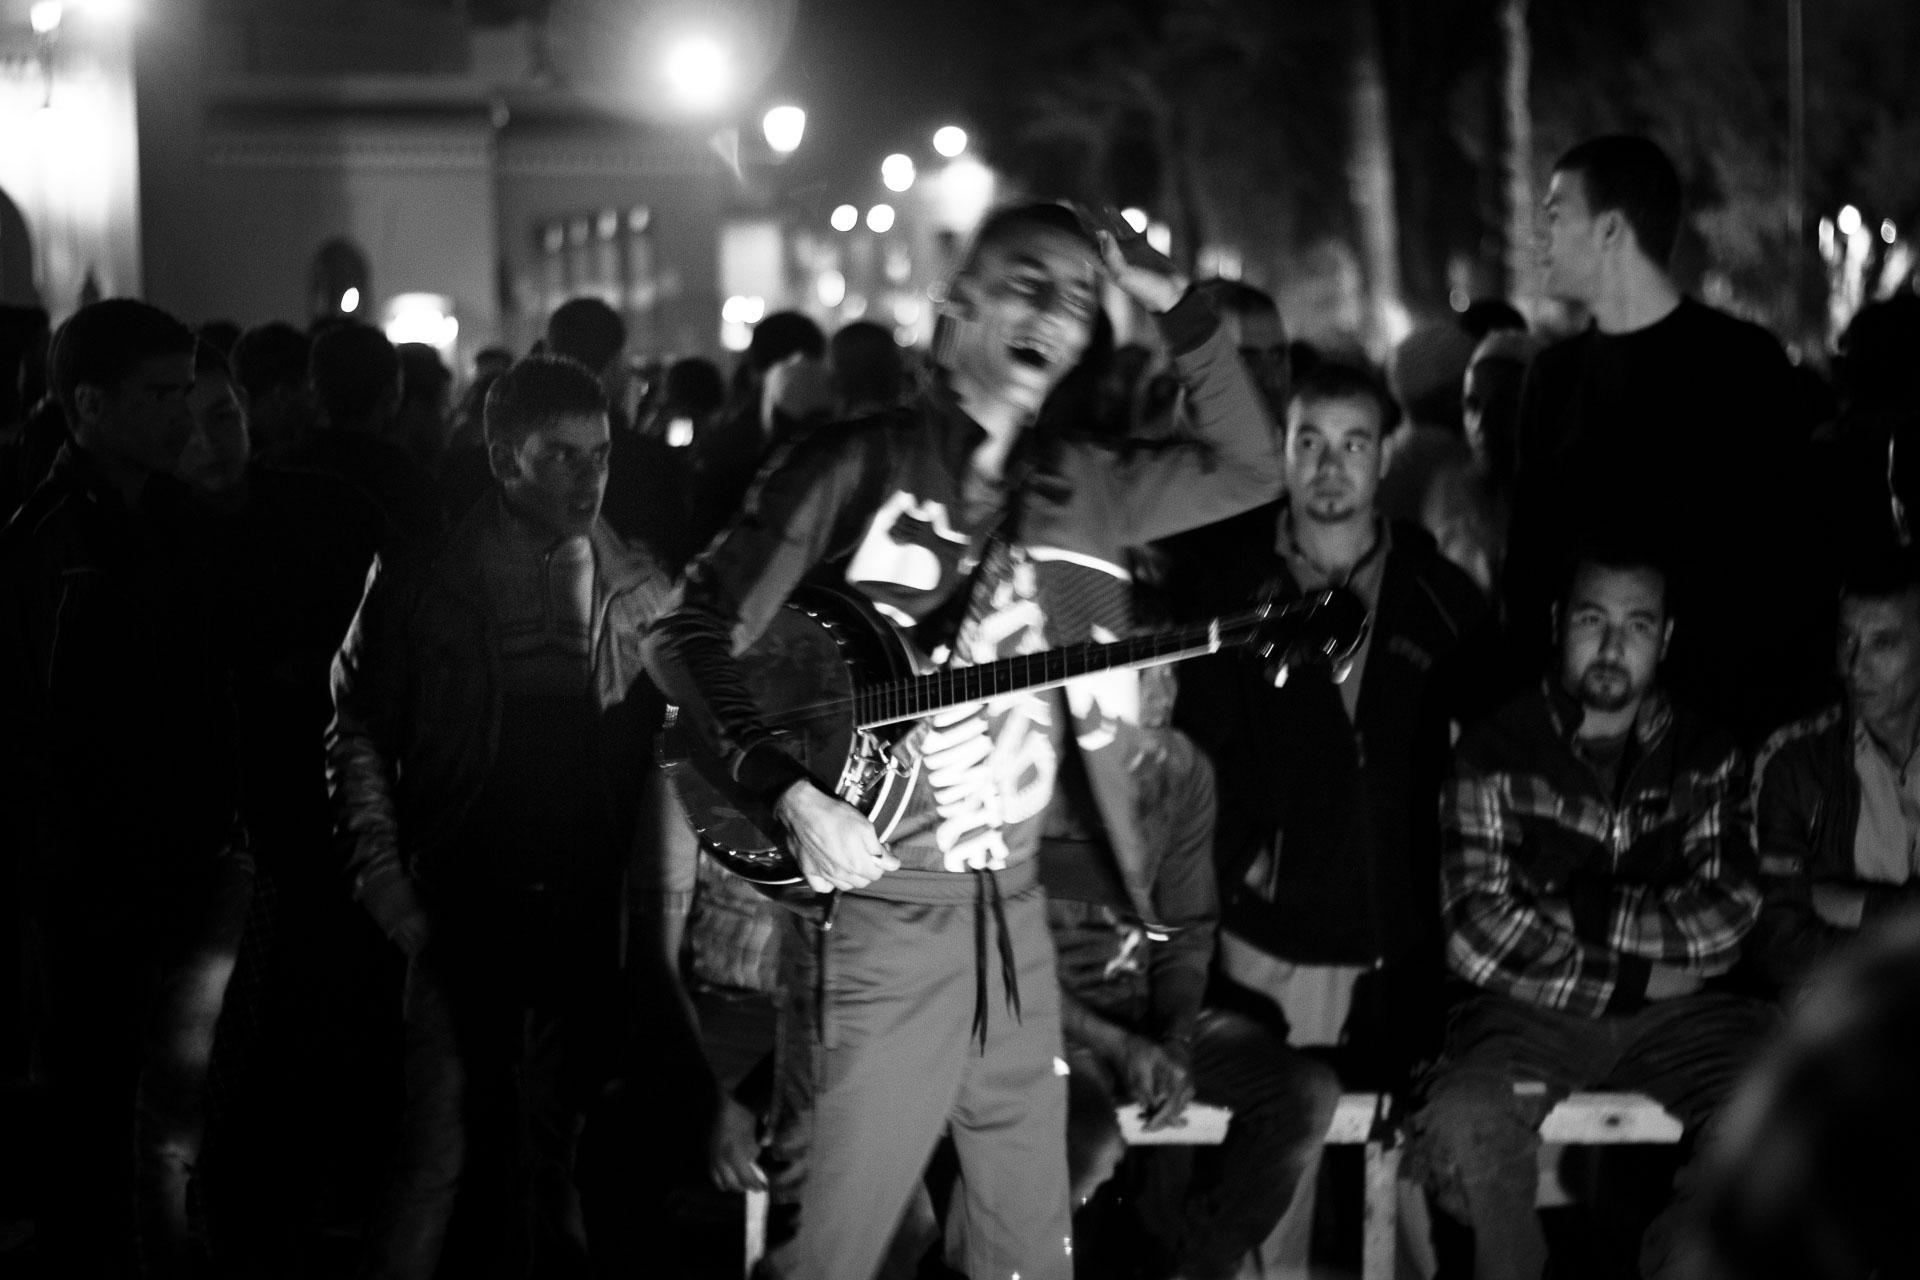 Imagen de un músico finalizando su espectáculo y despidiéndose de su público